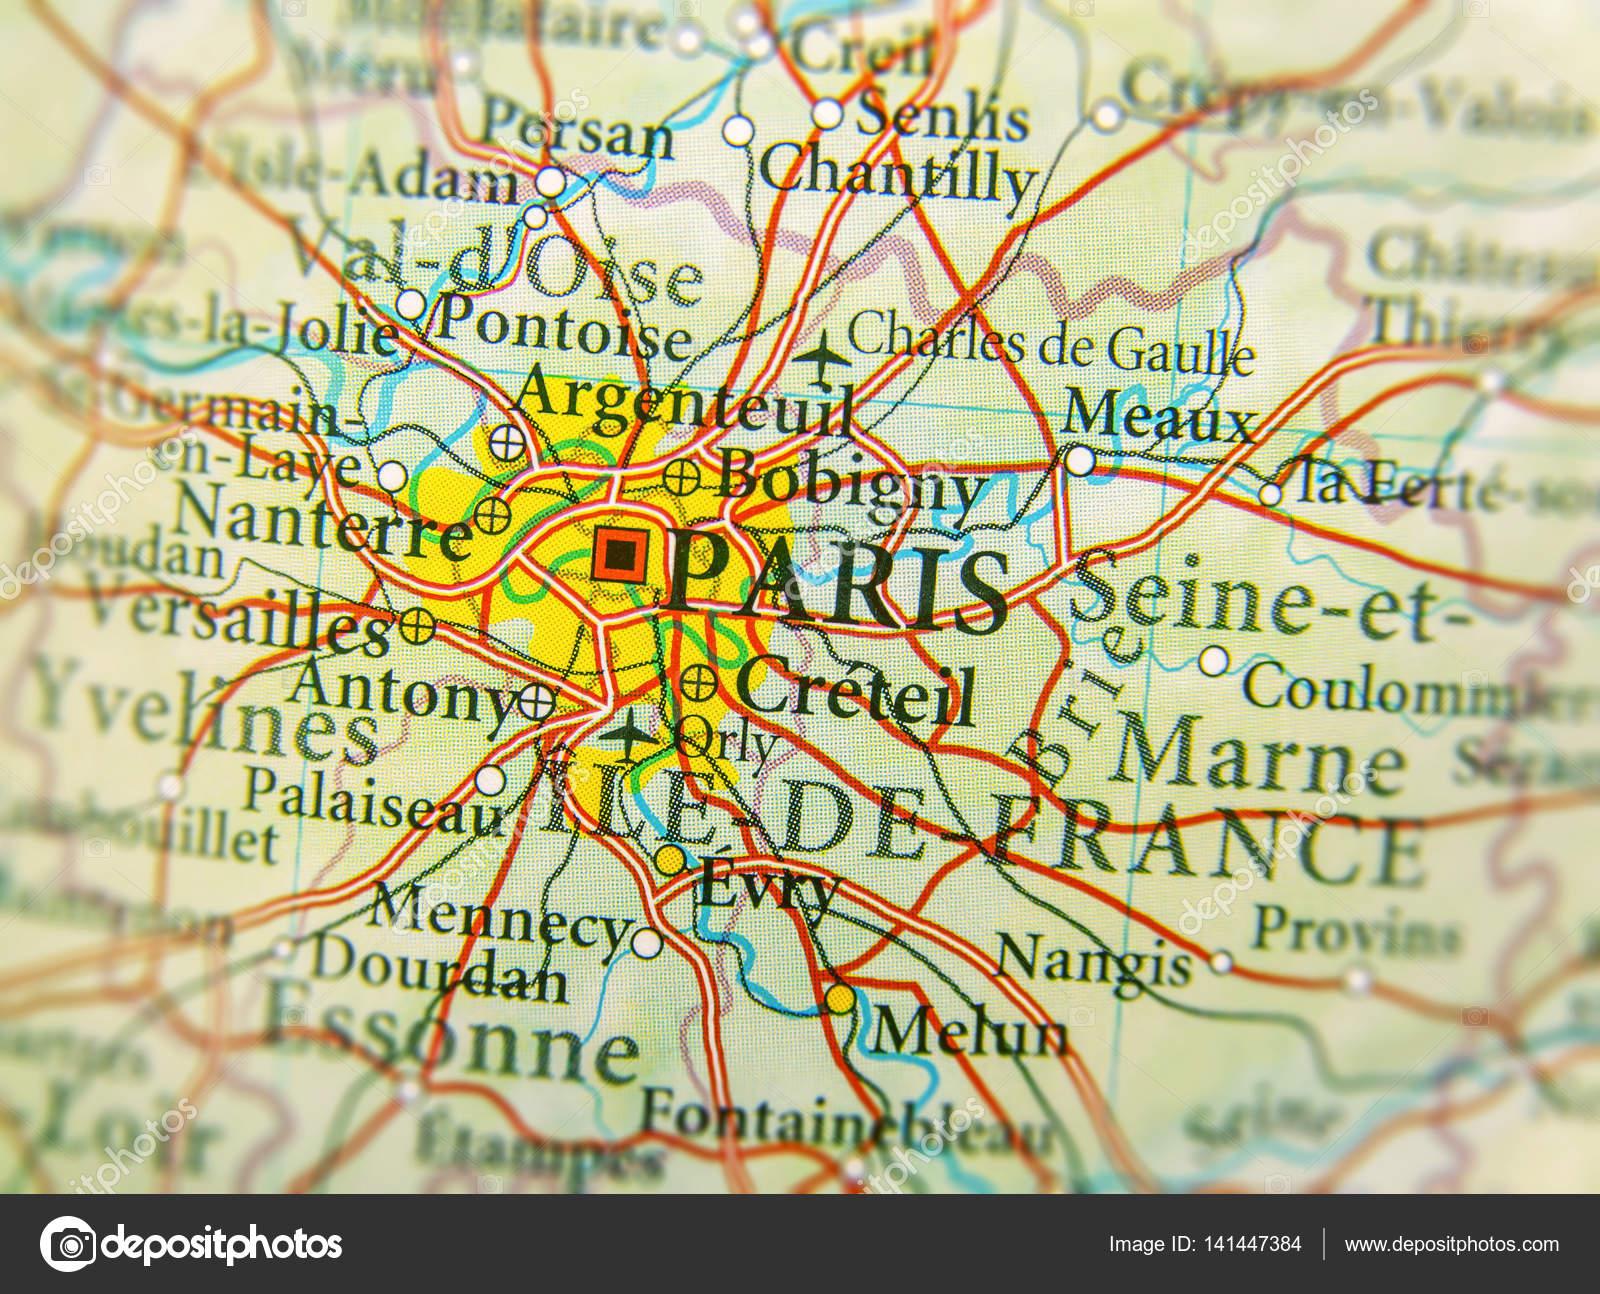 Carte De Leurope Avec Ses Capitales.Carte Geographique Des Pays D Europe France Avec Paris Capitale Cit